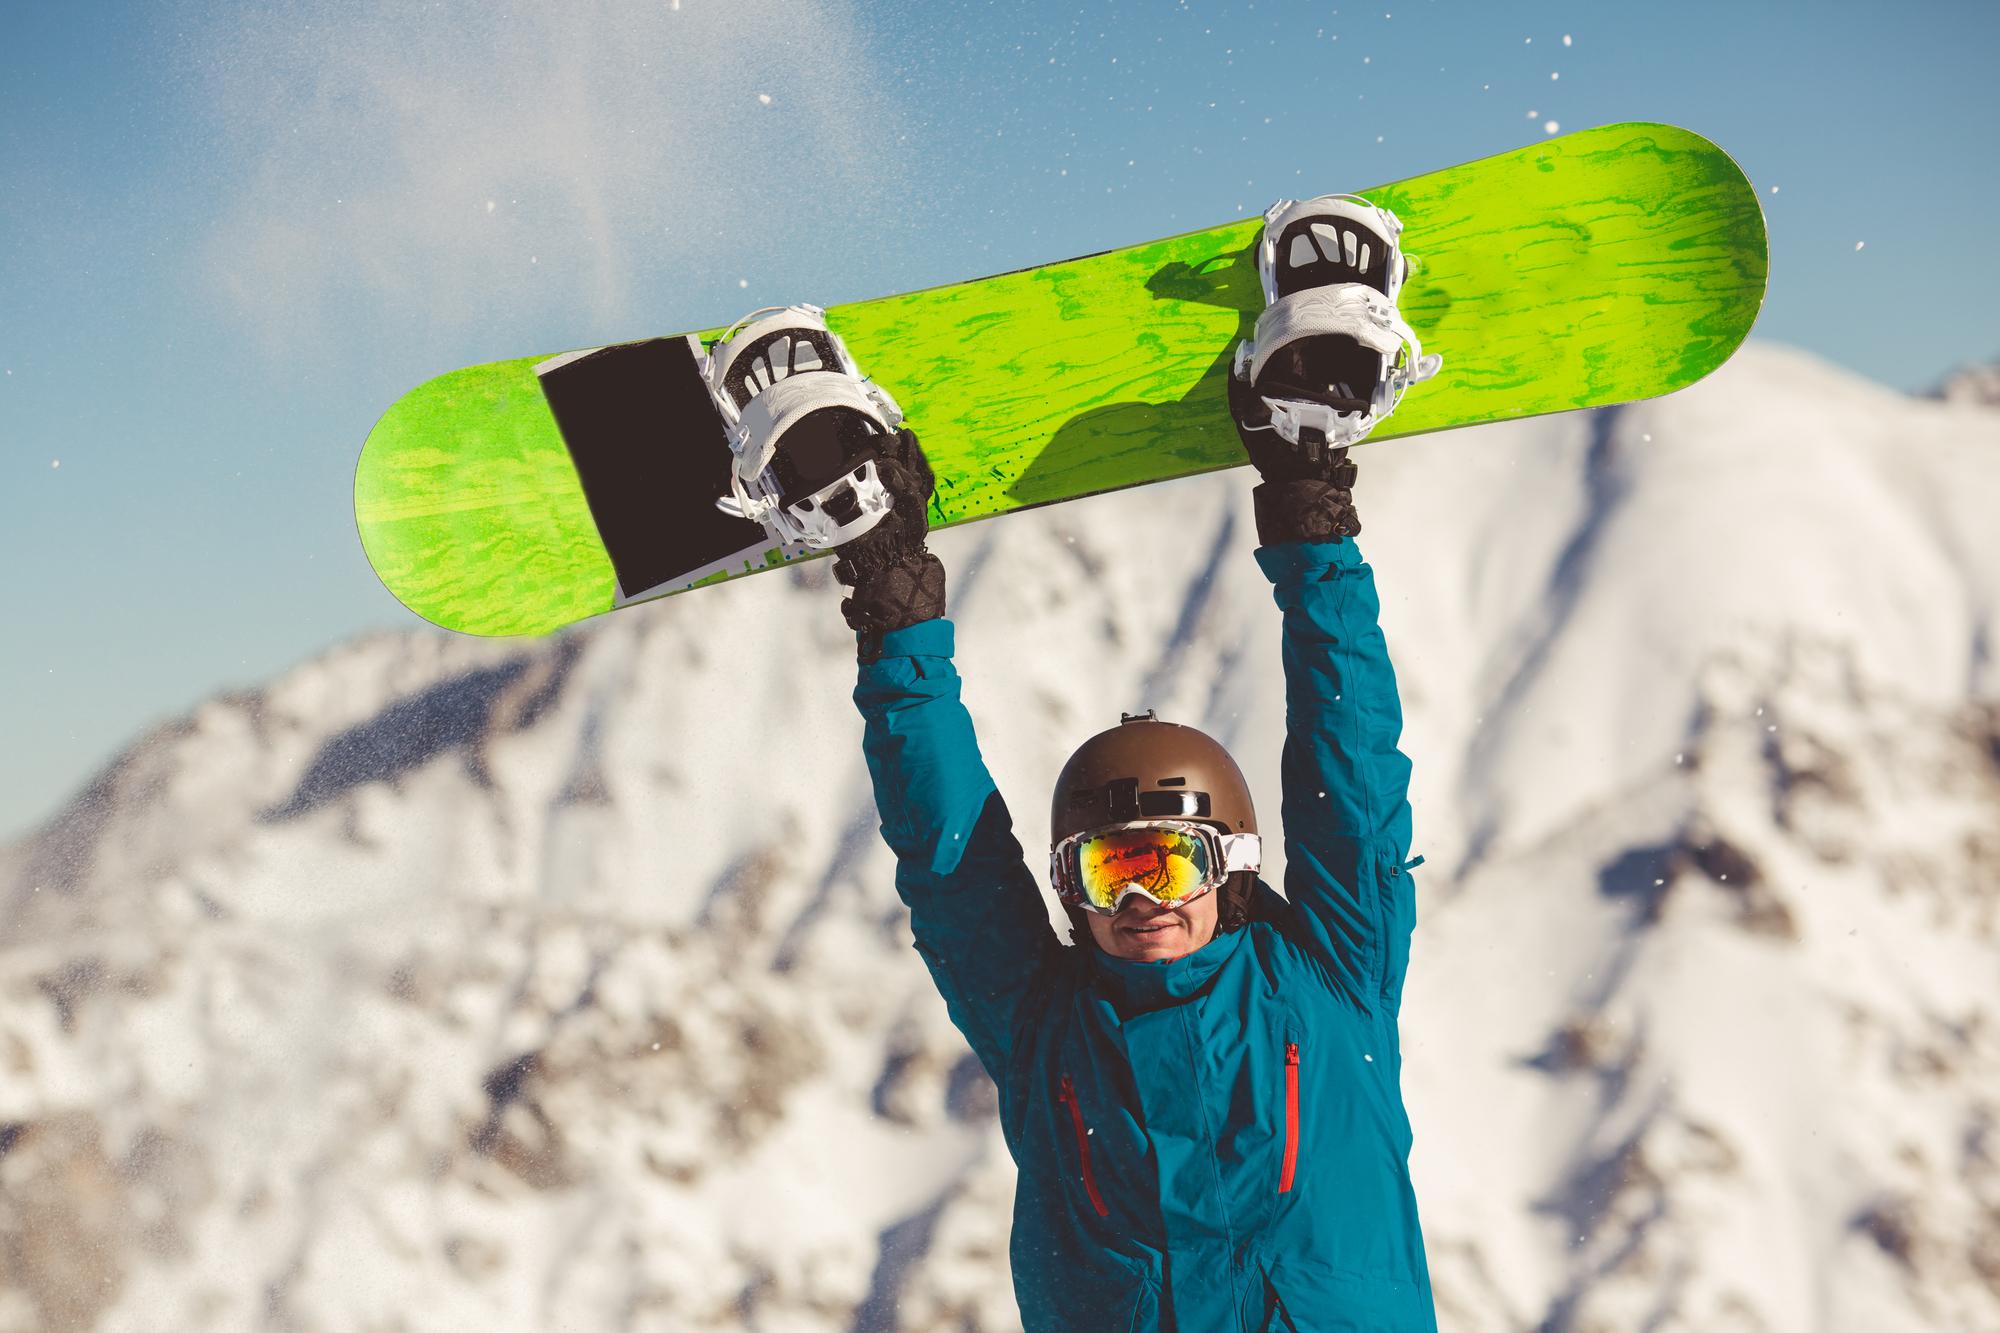 スノボスキー&スノーボードが走るワックス